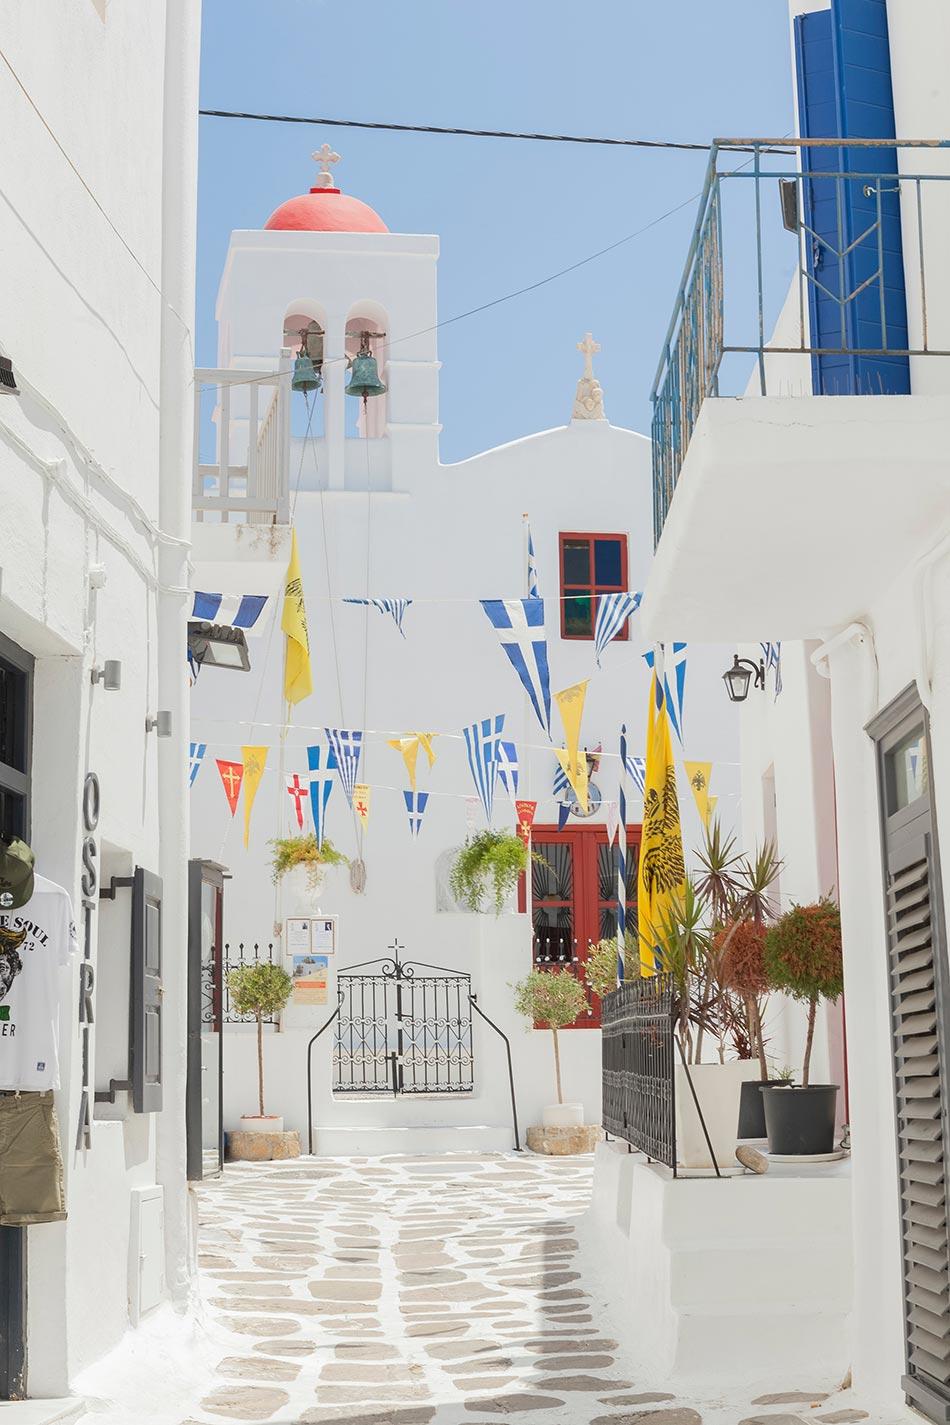 Mykonos Stadt eine Gasse mit weisser Kirche am ende